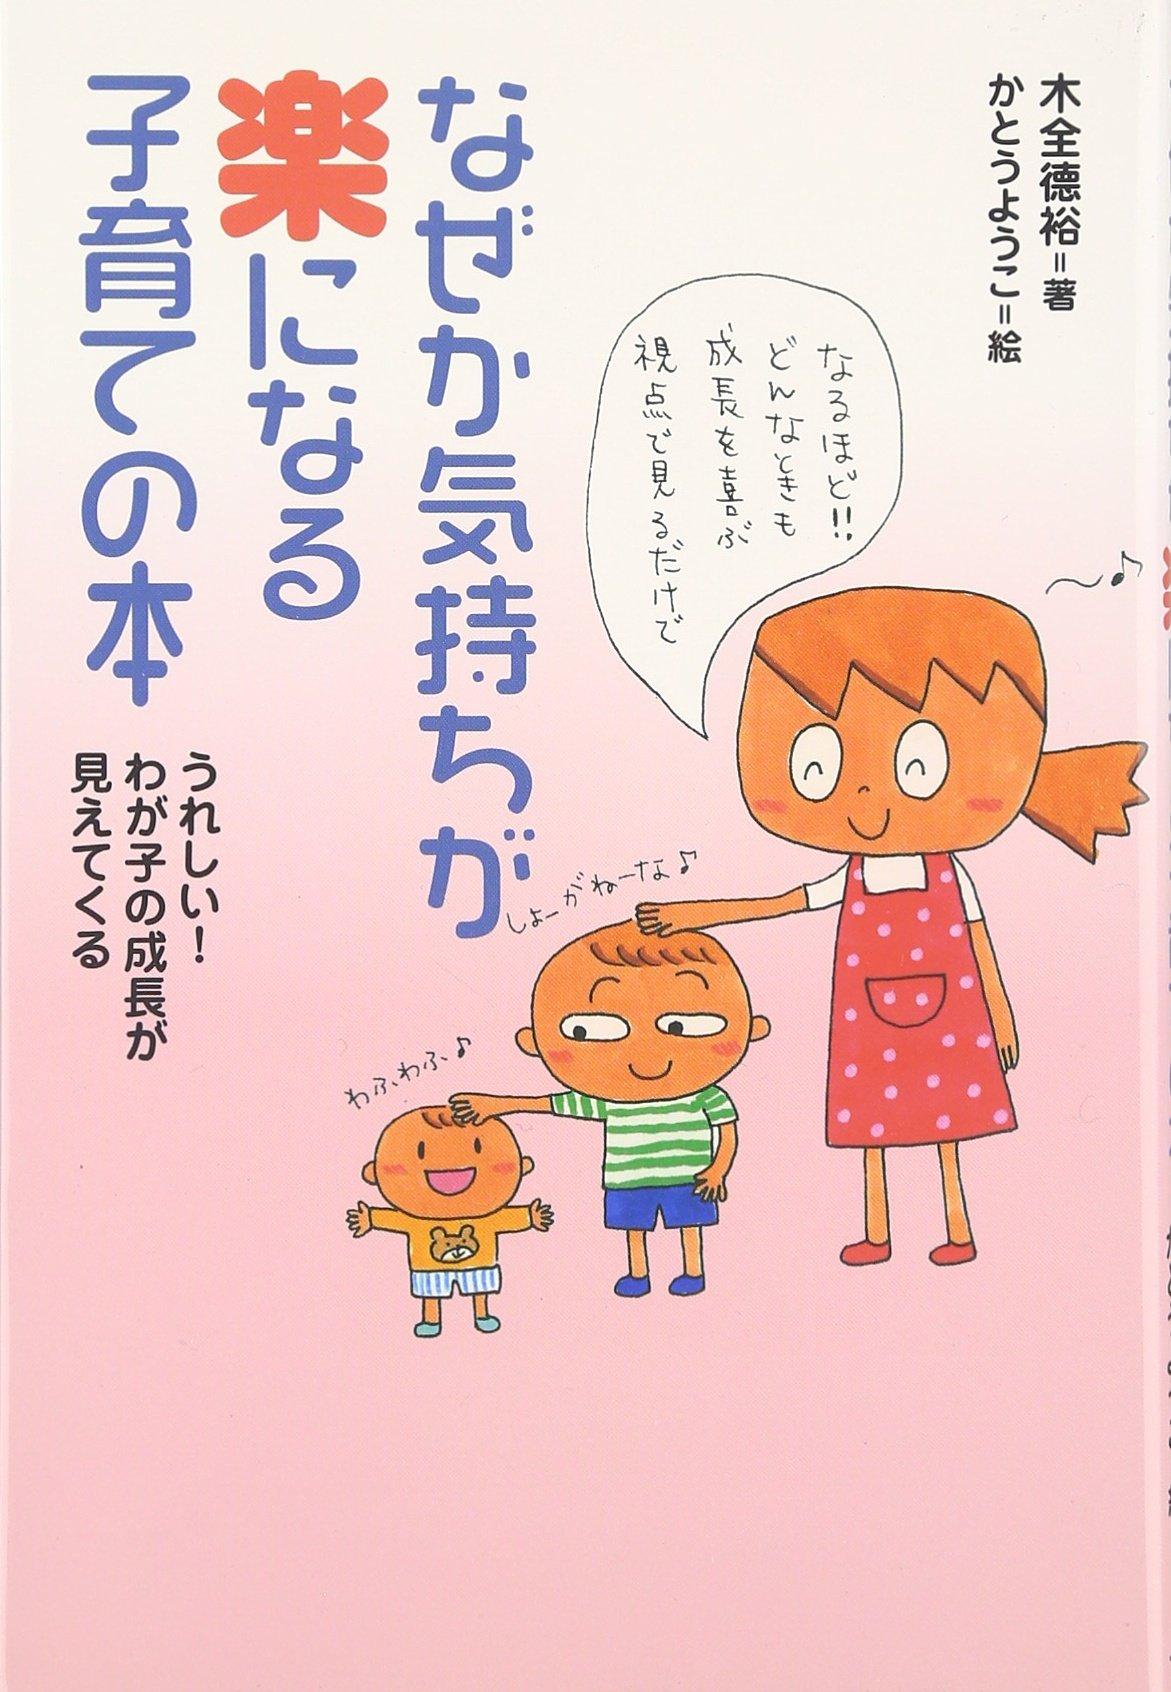 Nazeka kimochi ga raku ni naru kosodate no hon : Ureshii wagako no seichō ga mietekuru ebook